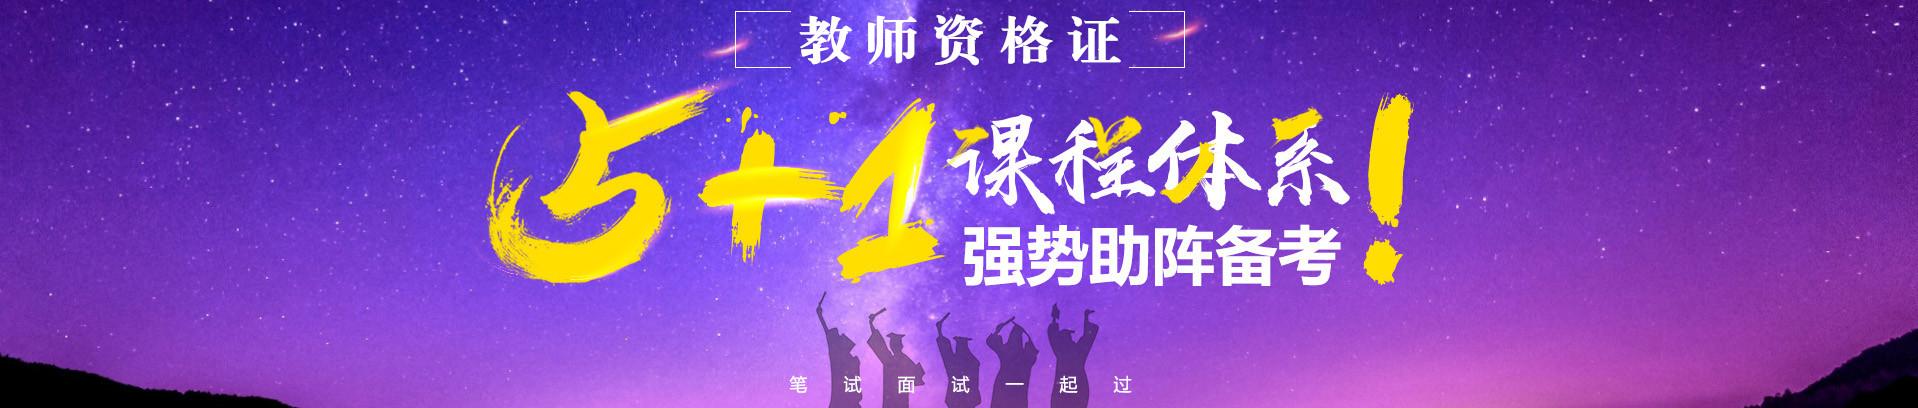 陕西西安凤城一路学天教育培训